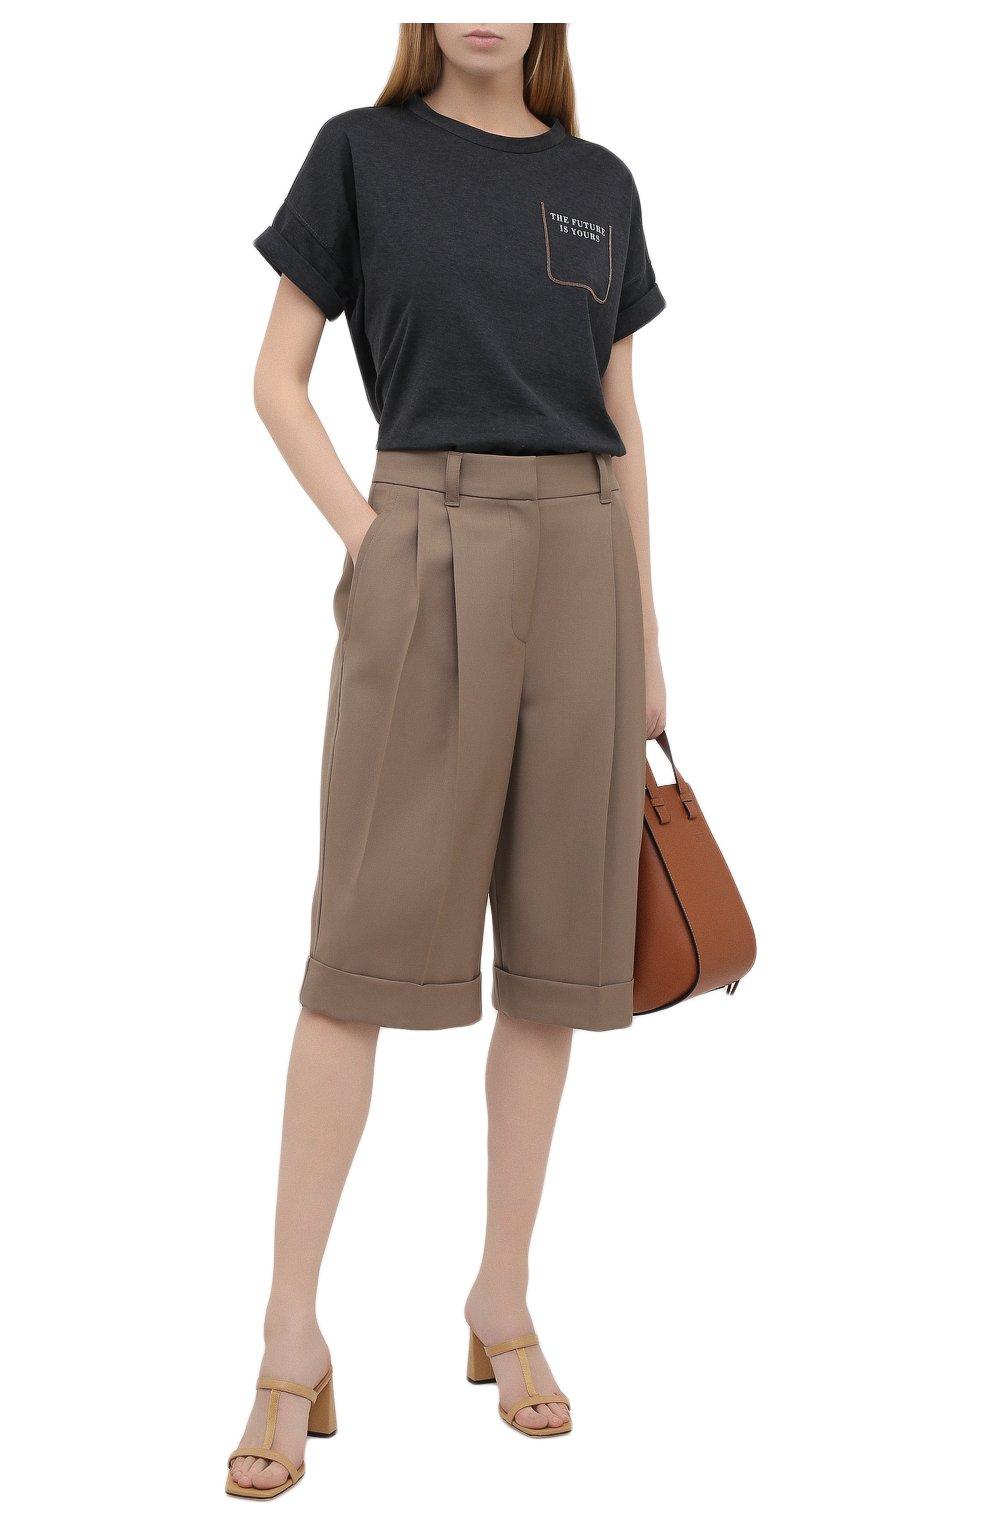 Женские шерстяные шорты BRUNELLO CUCINELLI темно-бежевого цвета, арт. MA171P7322   Фото 2 (Женское Кросс-КТ: Шорты-одежда; Материал внешний: Шерсть; Кросс-КТ: Широкие; Длина Ж (юбки, платья, шорты): До колена; Стили: Кэжуэл)